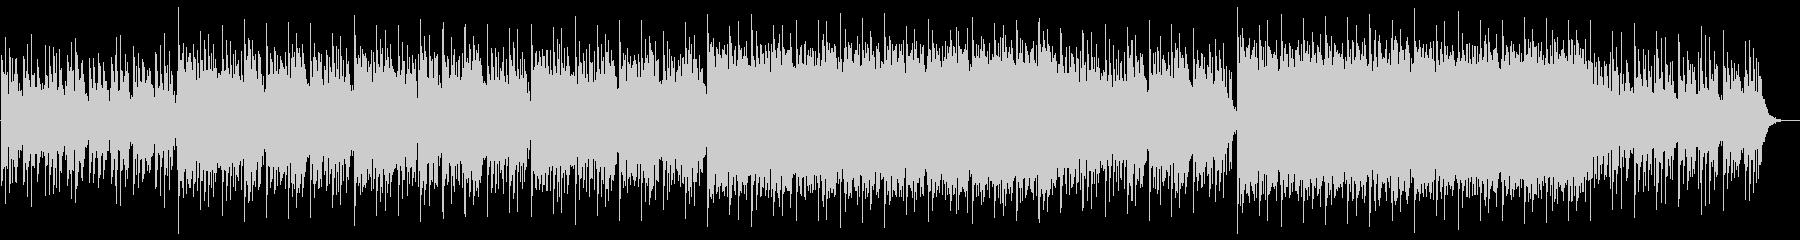 Impetusの未再生の波形